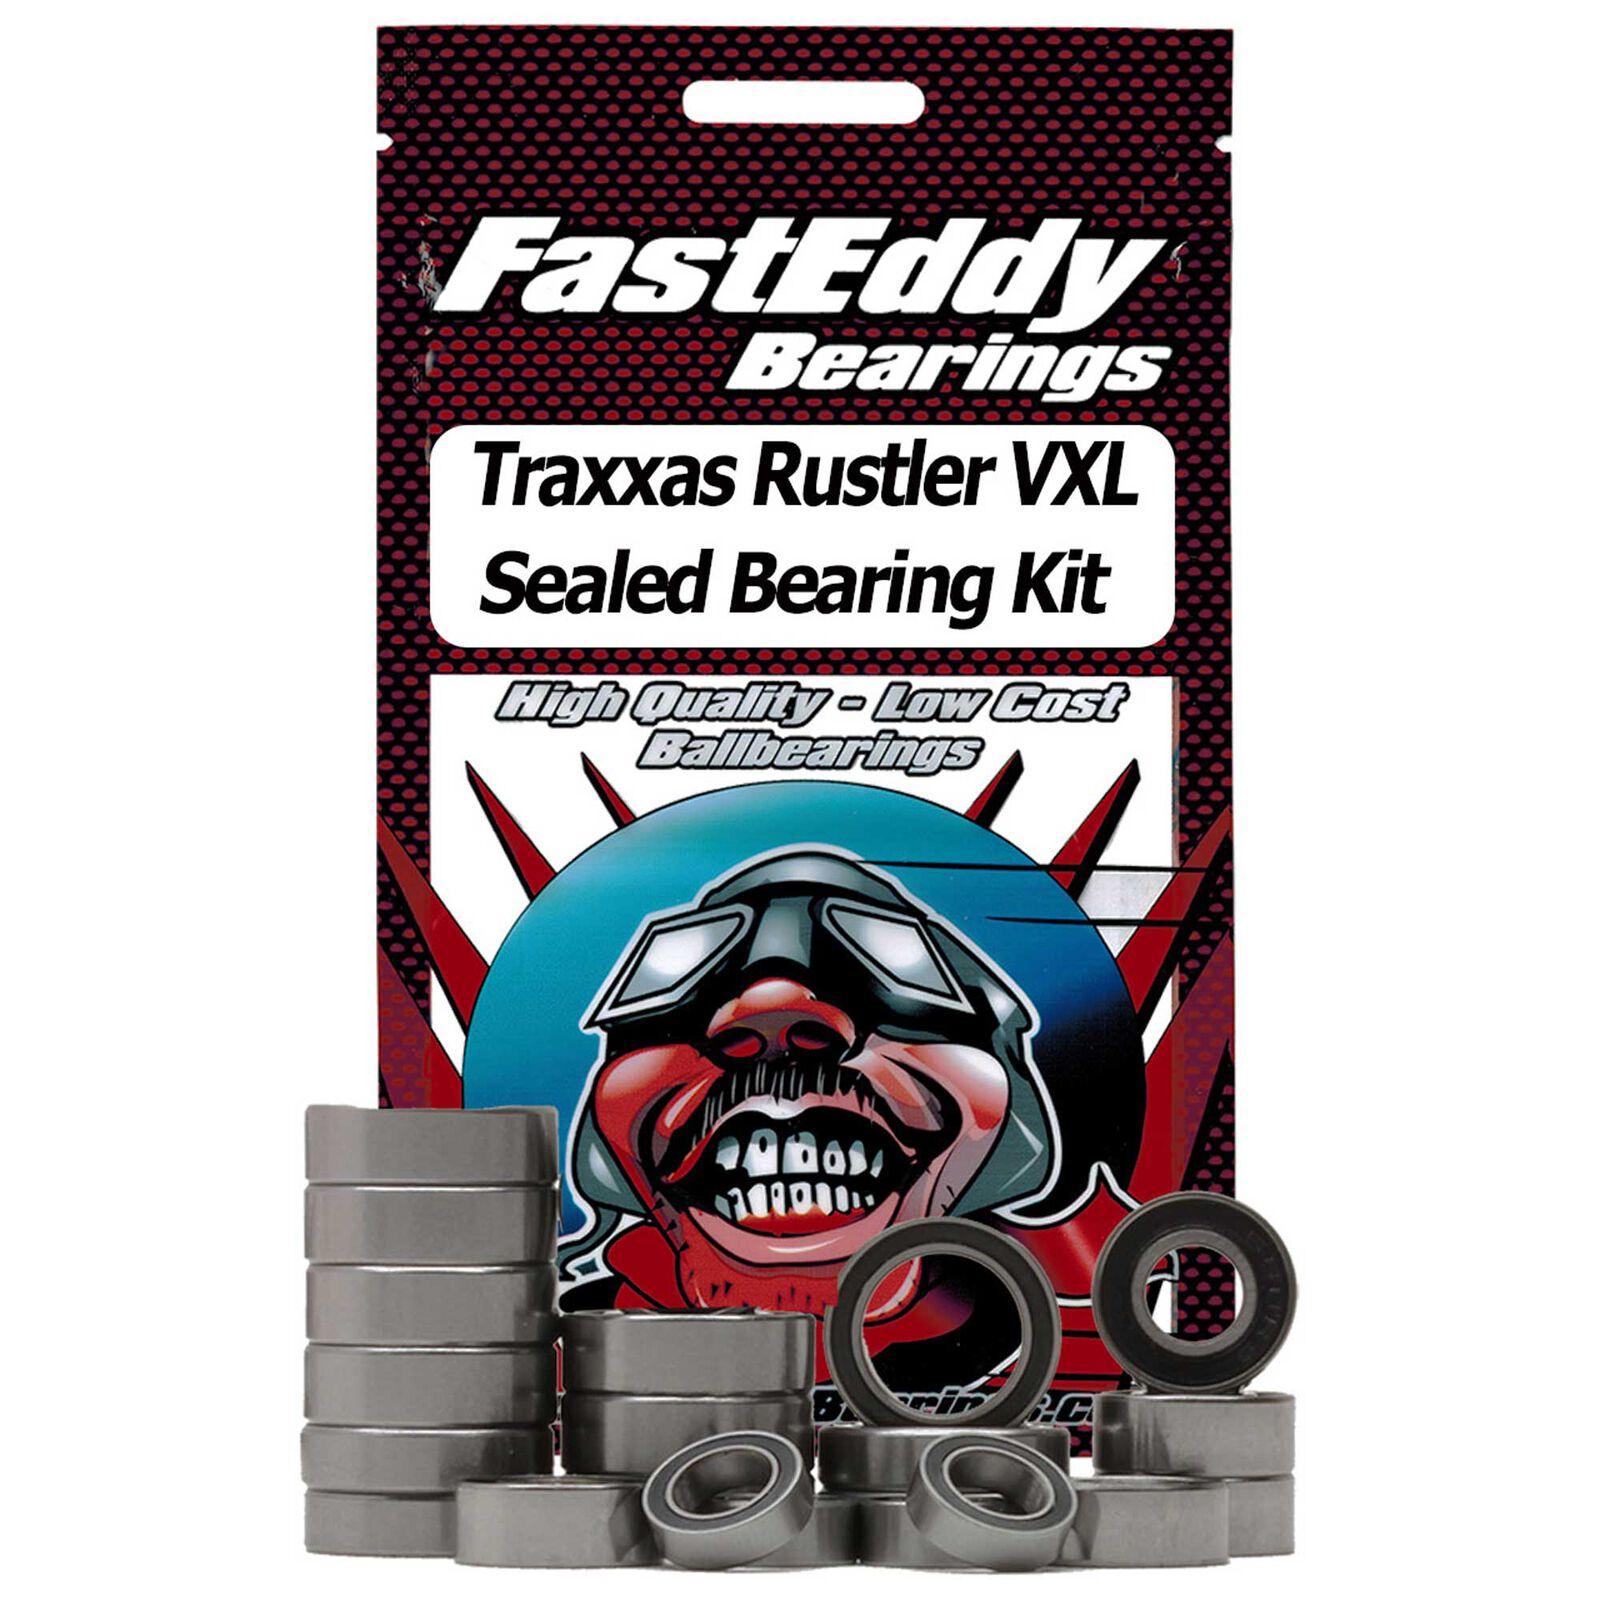 Sealed Bearing Kit: Traxxas Rustler VXL